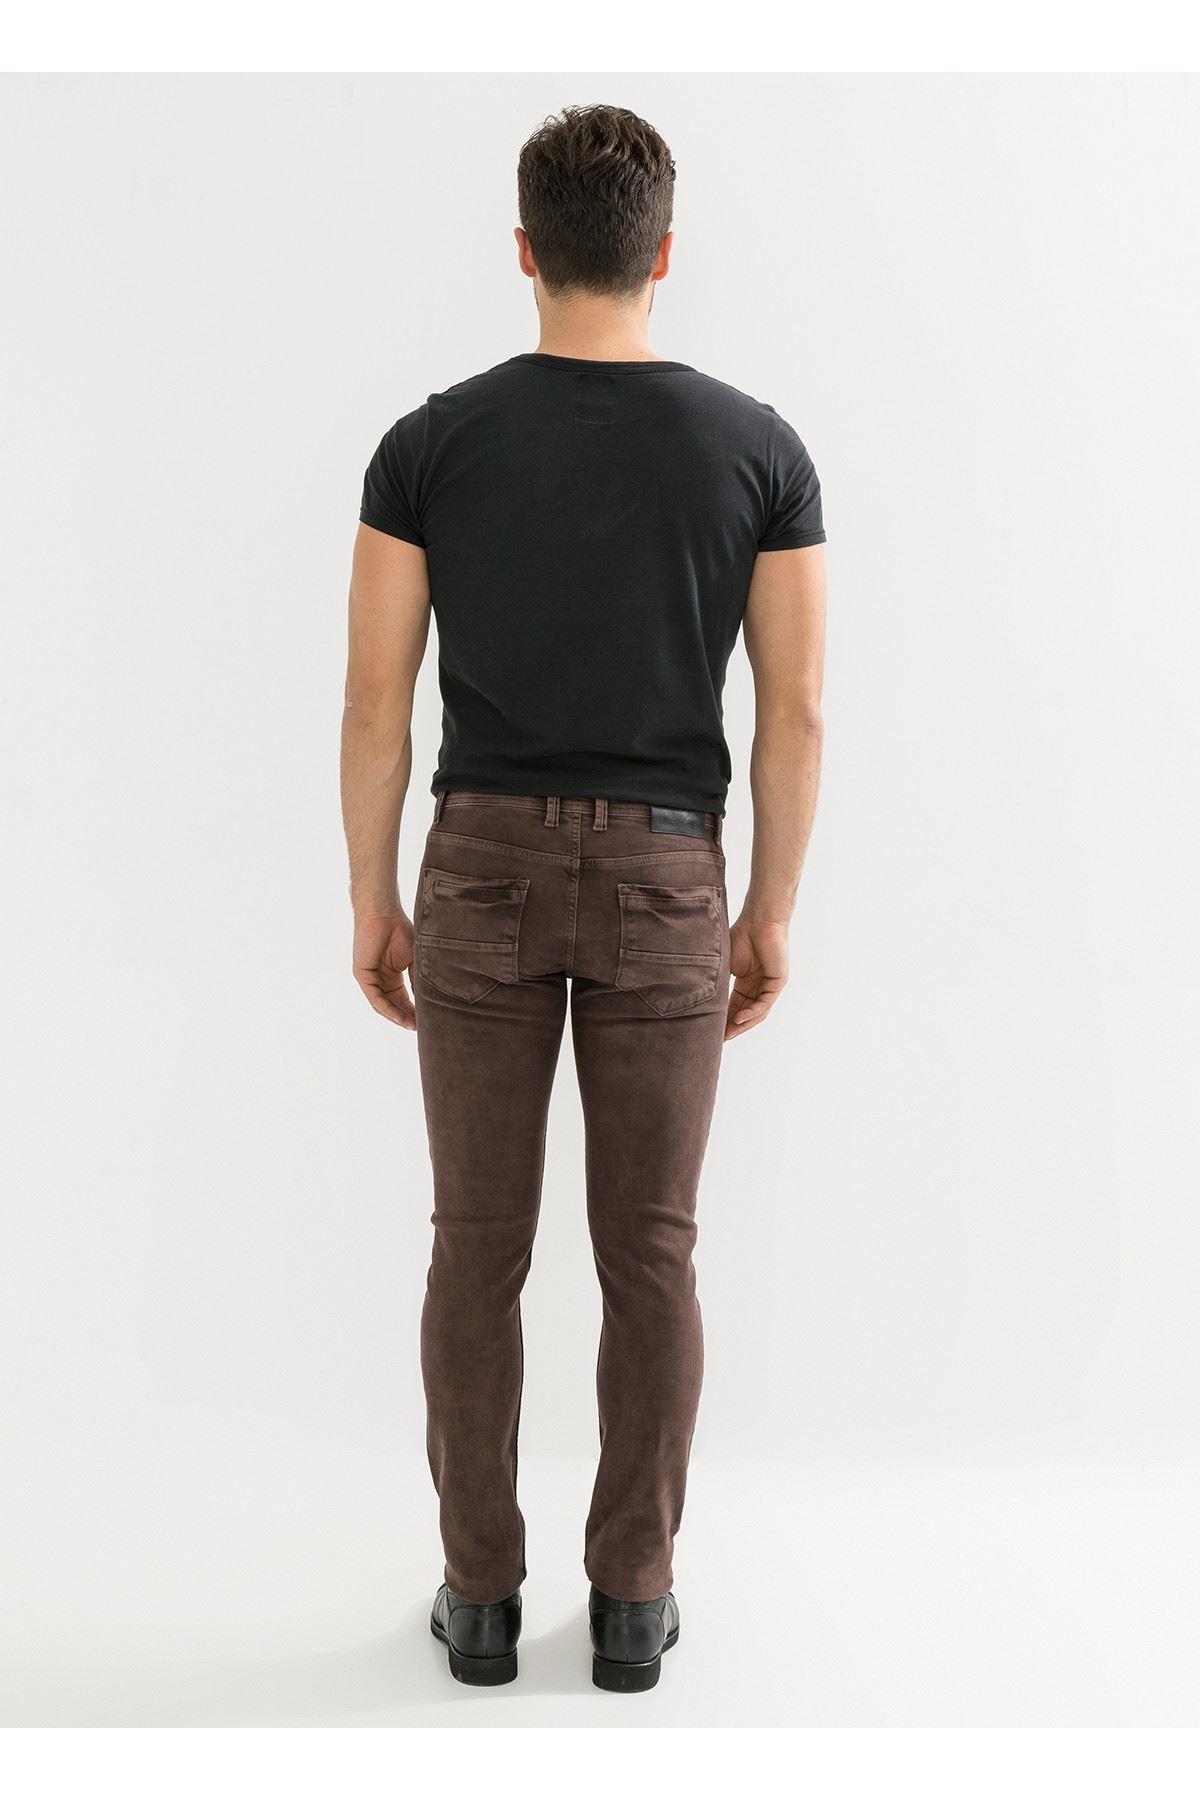 Kahve Yıkamalı Erkek Kot Pantolon